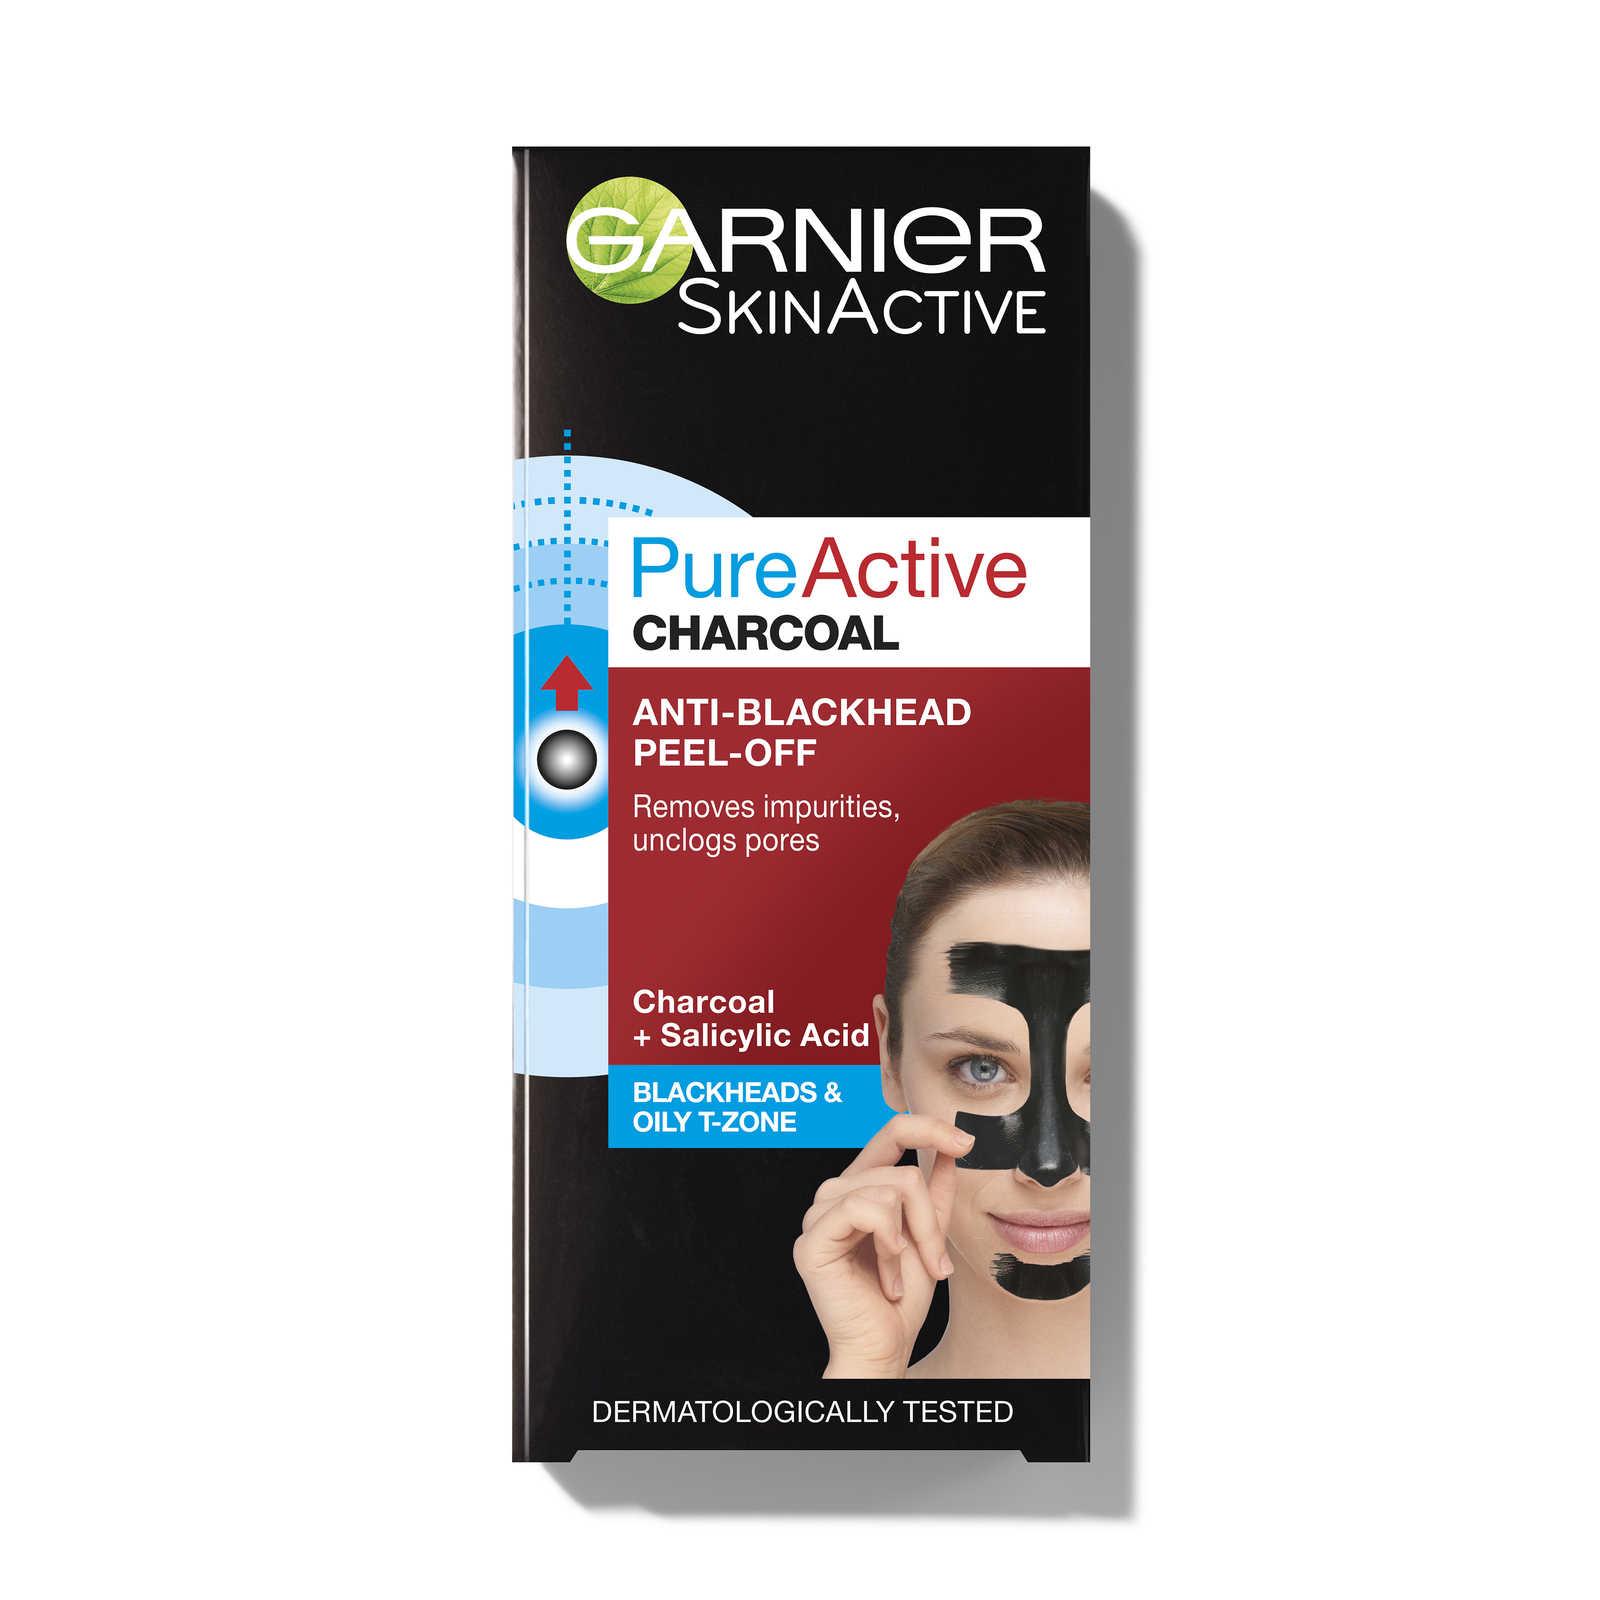 Garnier-Skin Active